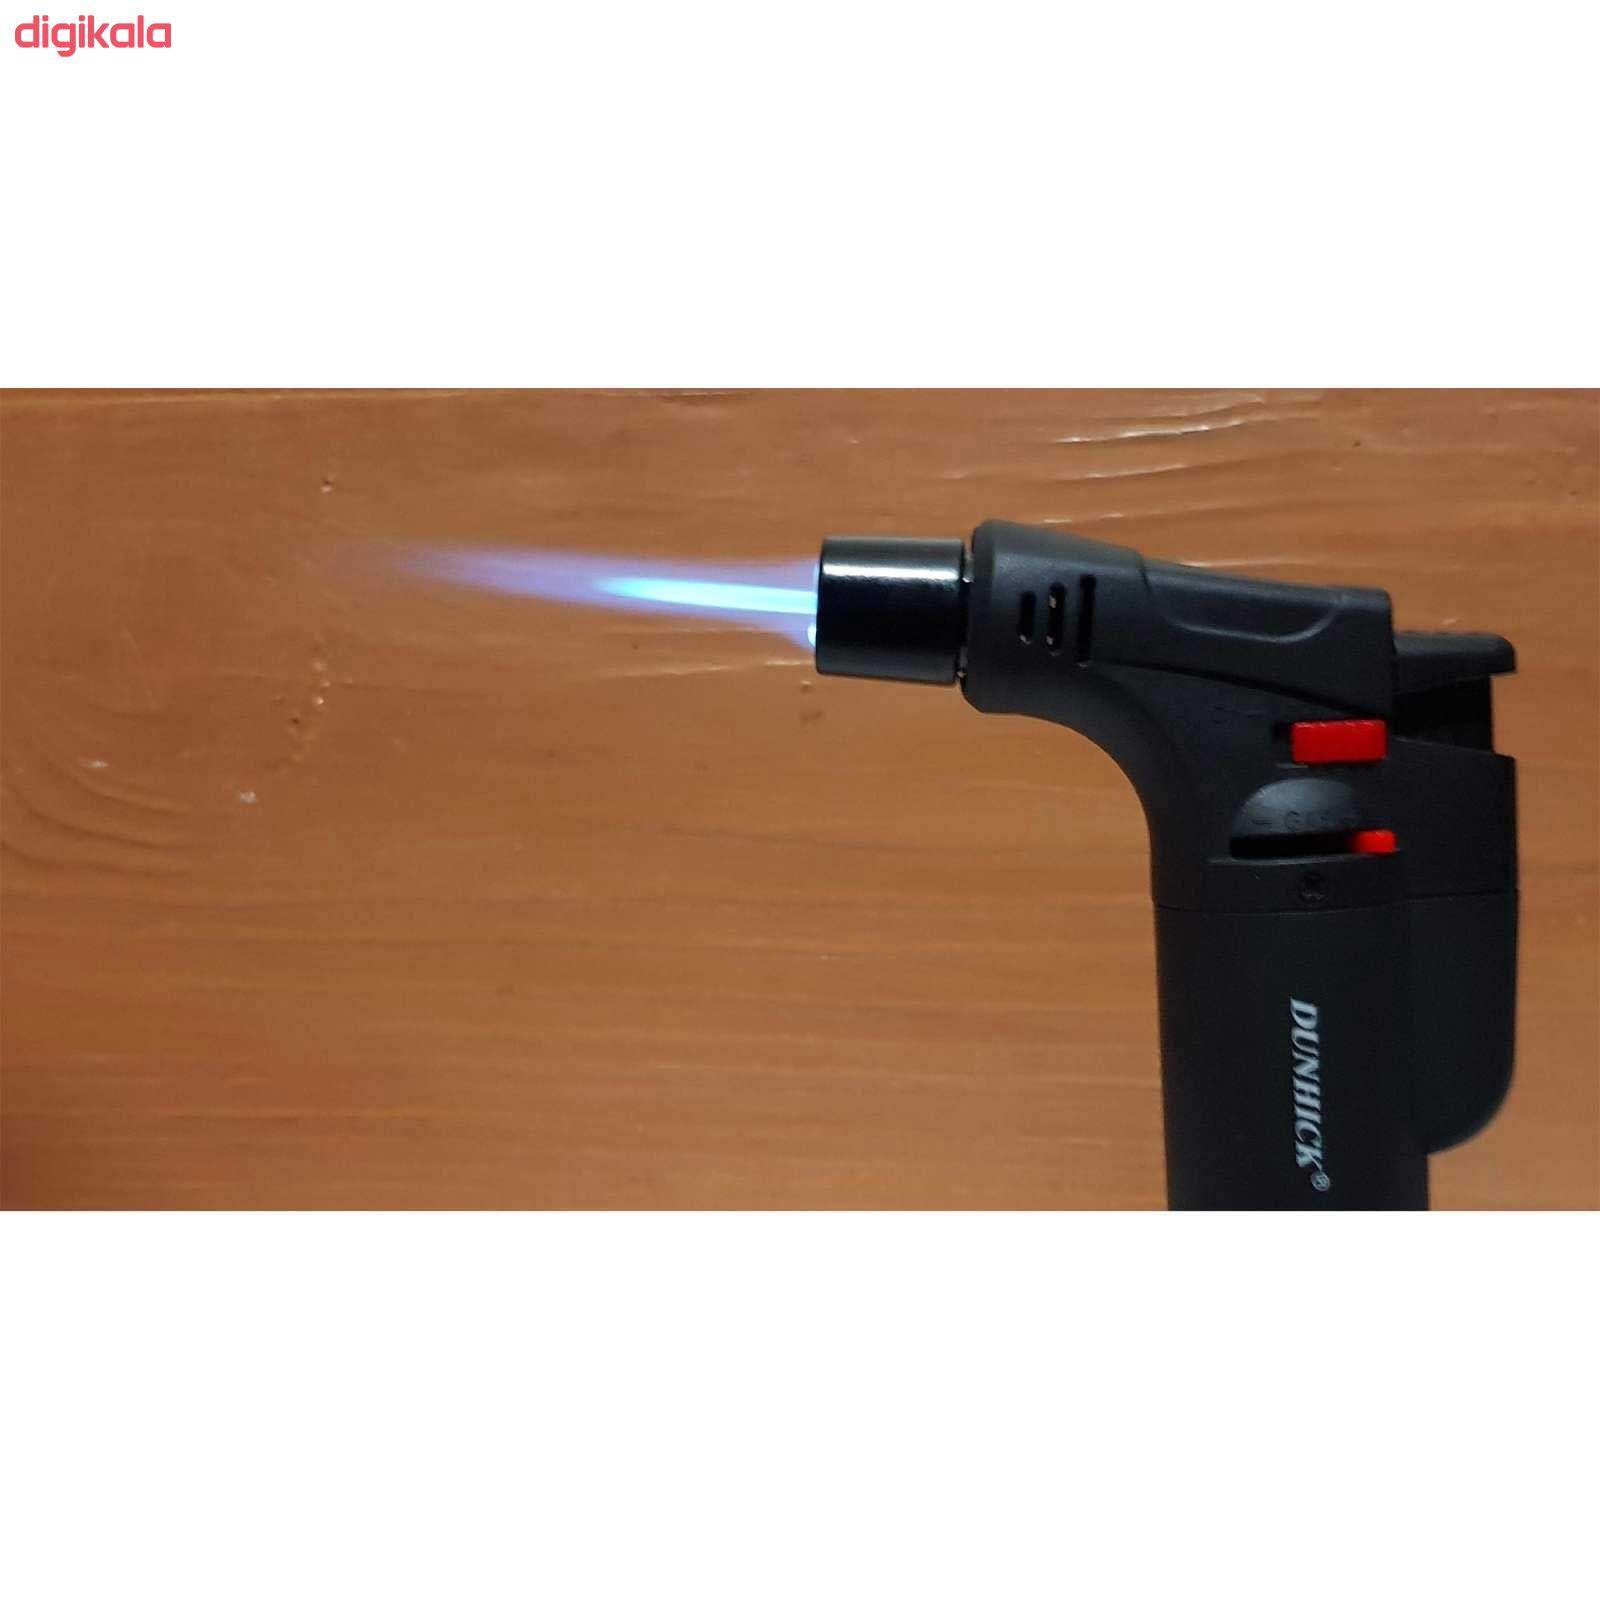 فندک اتمی دانهیک مدل DUNHICK_008 main 1 7